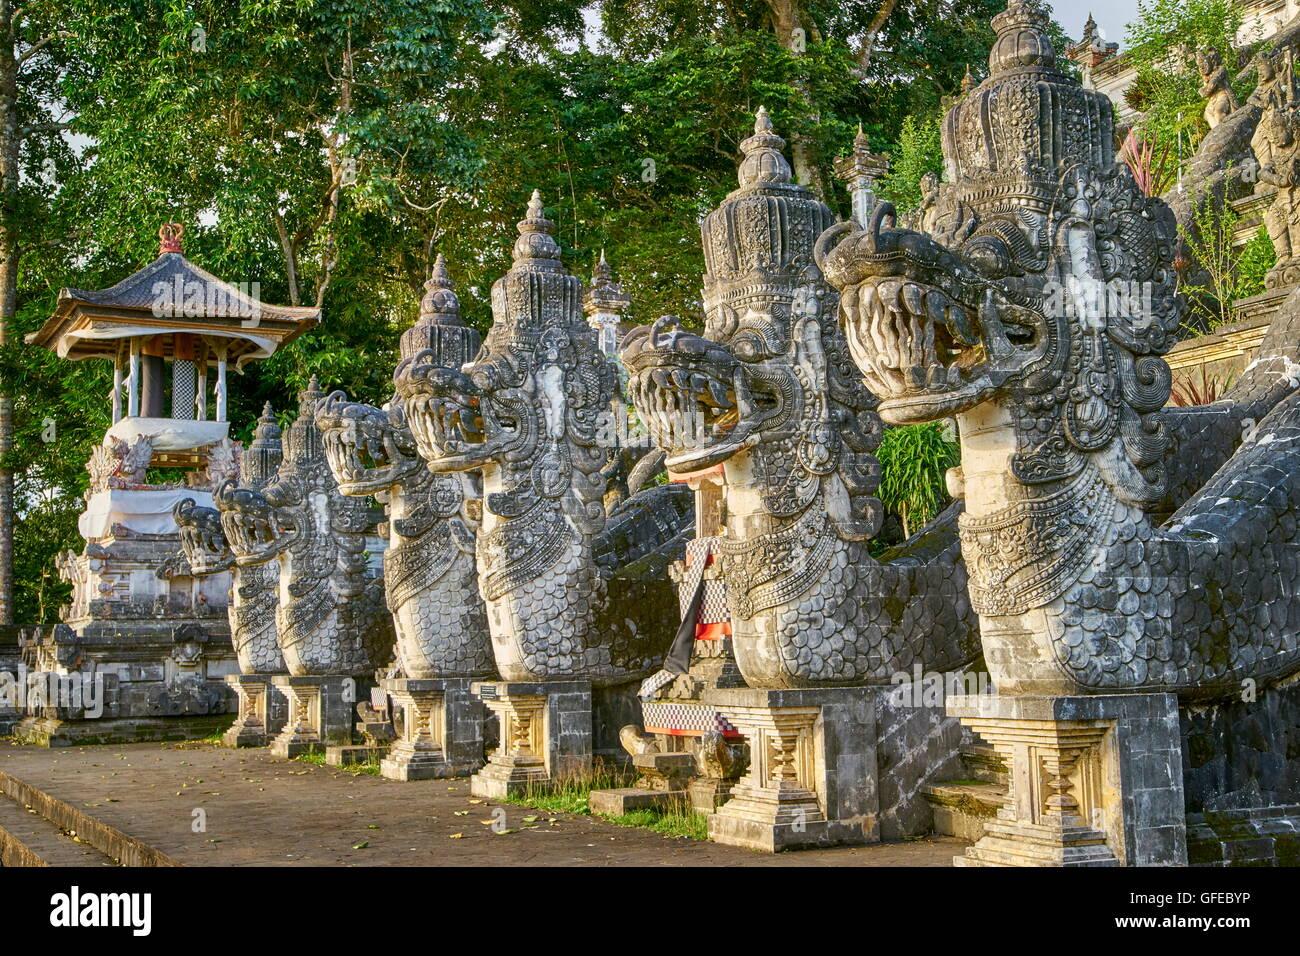 Faces of dragons in front of Pura Penataran Lempuyang Temple, Bali, Indonesia - Stock Image